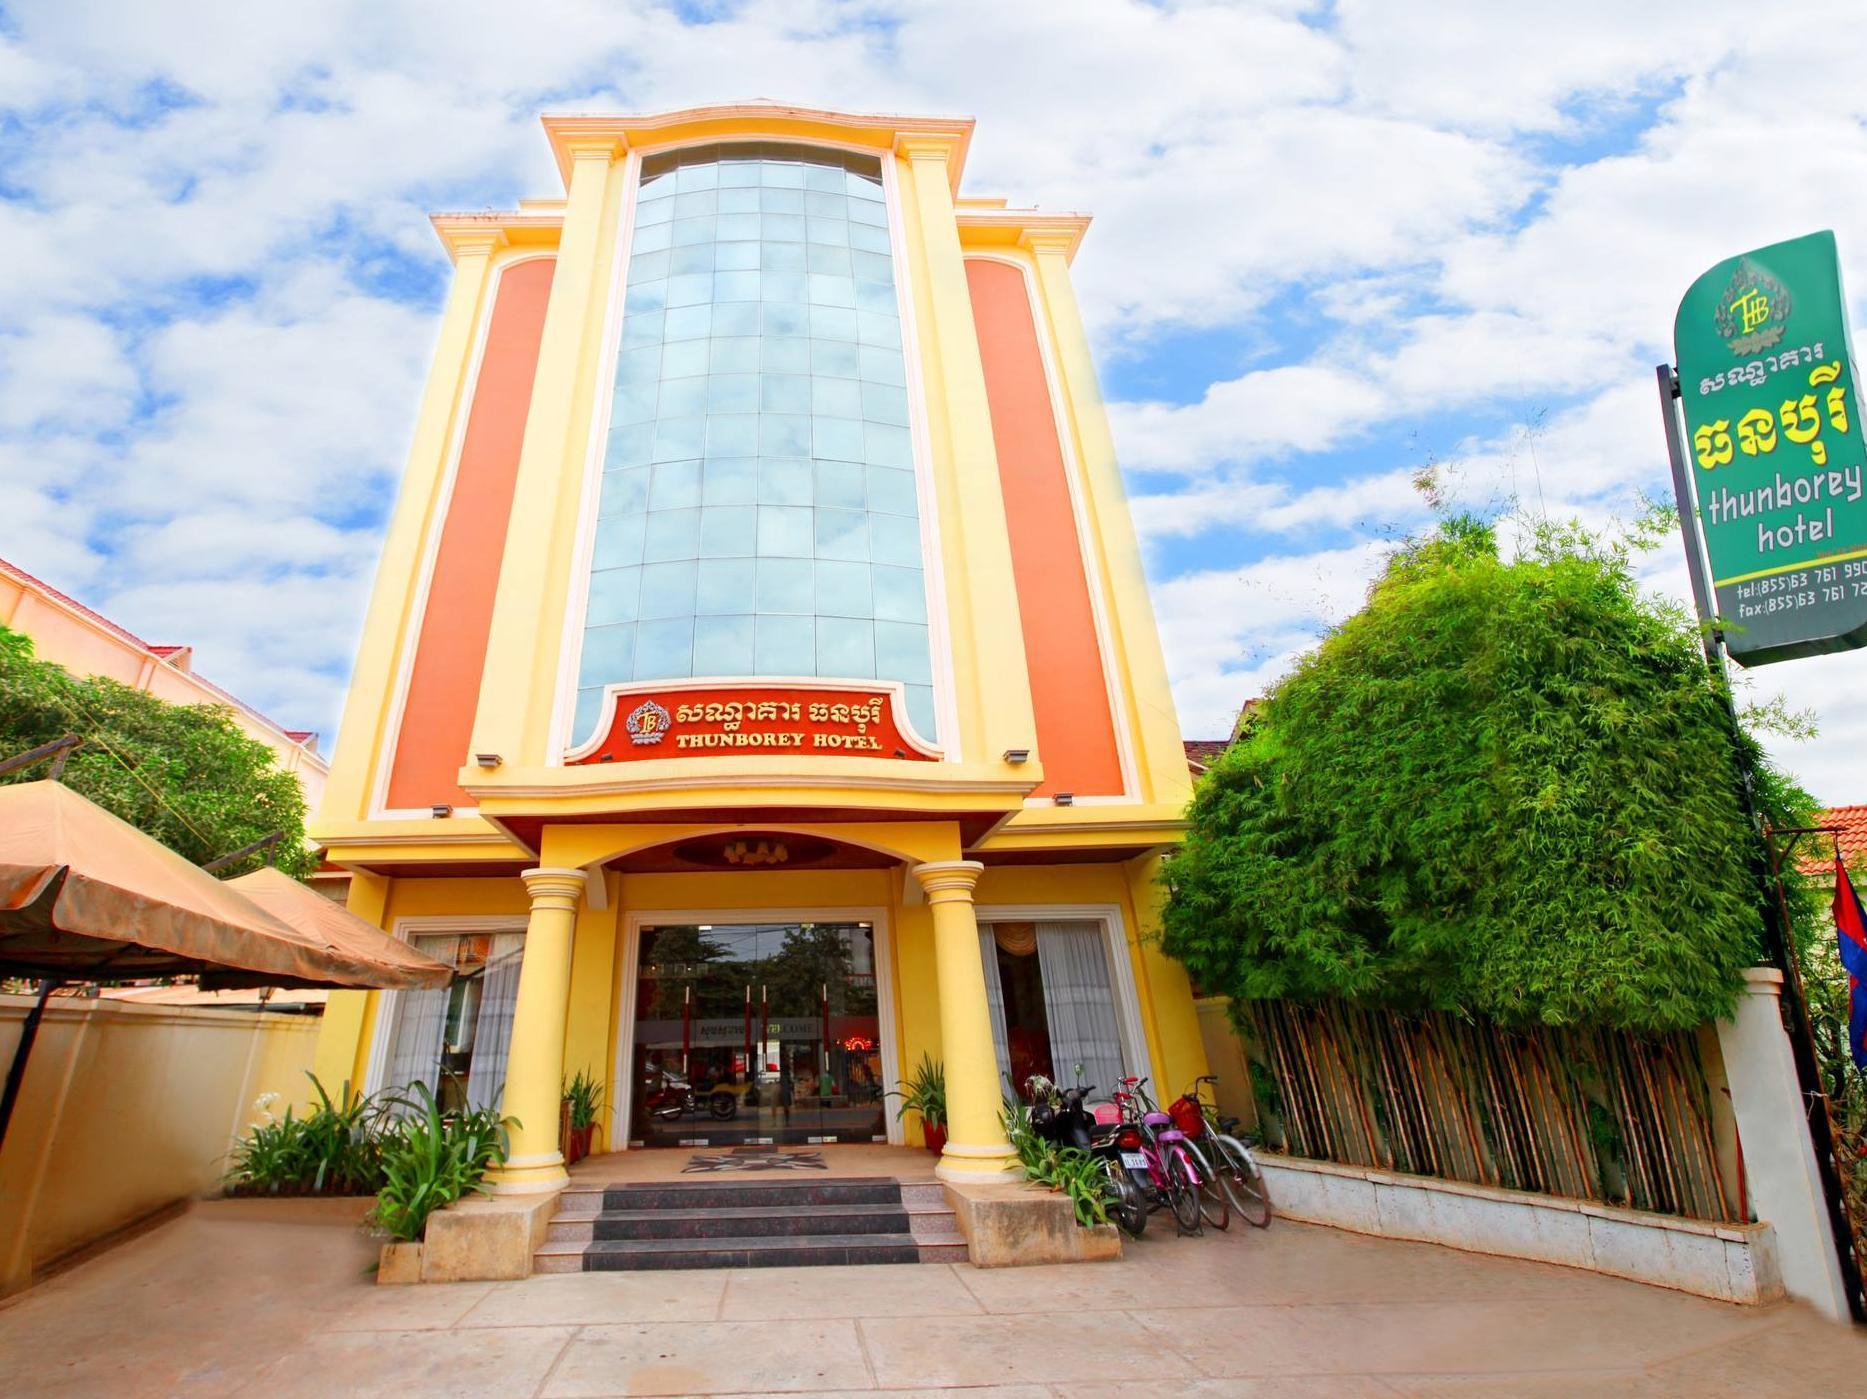 thunborey hotel room deals reviews photos siem reap cambodia rh agoda com